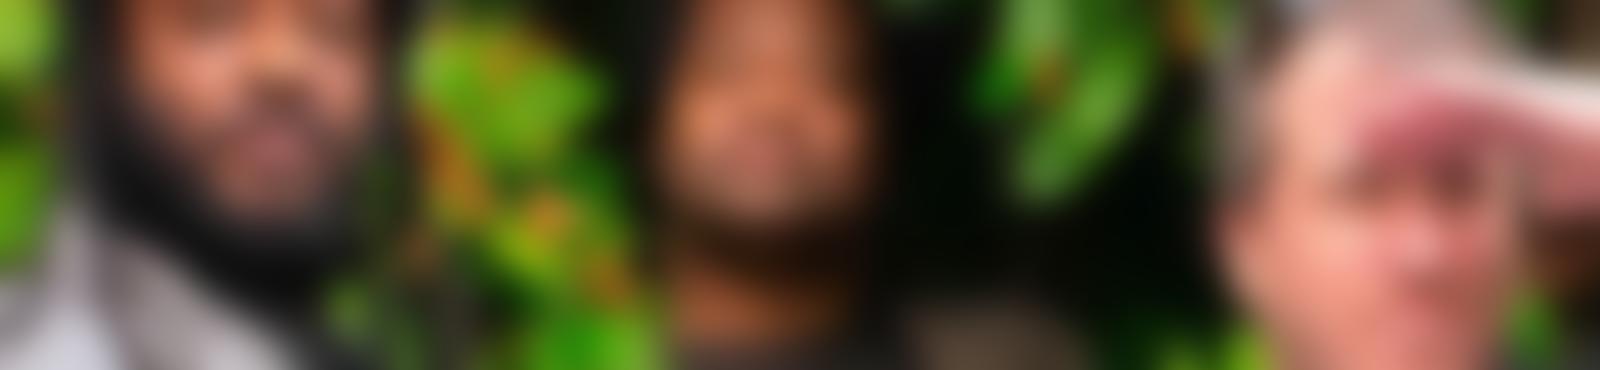 Blurred 58905eb1 15e8 40b9 bdc1 fb6e708ddd52